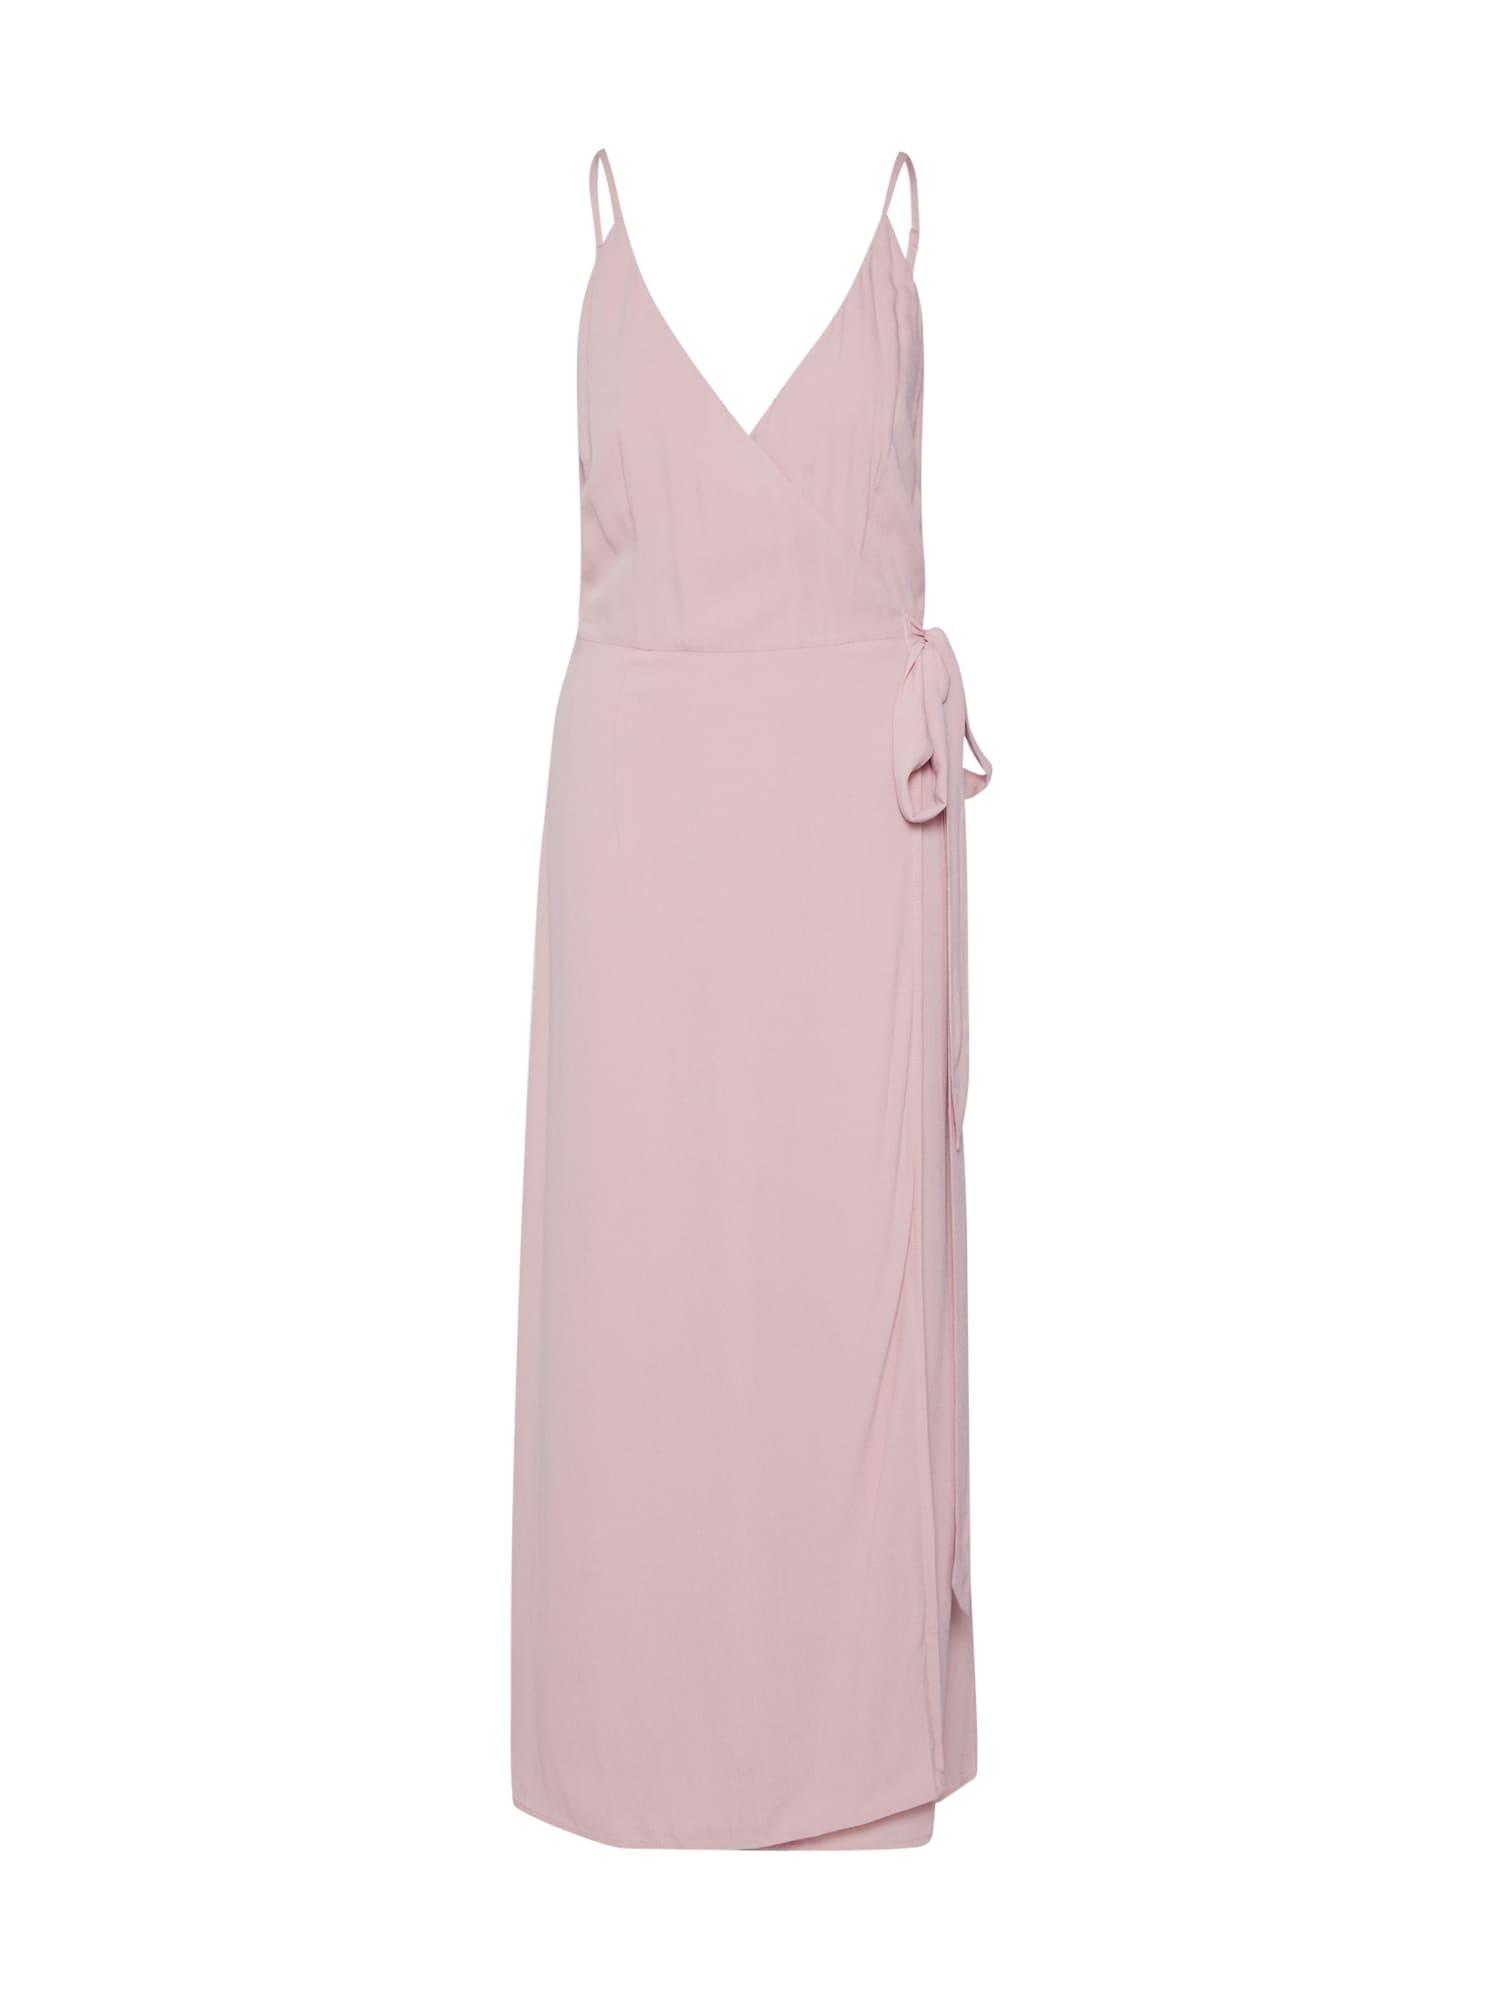 EDITED Vasarinė suknelė 'Roslyn' rožinė / rožių spalva